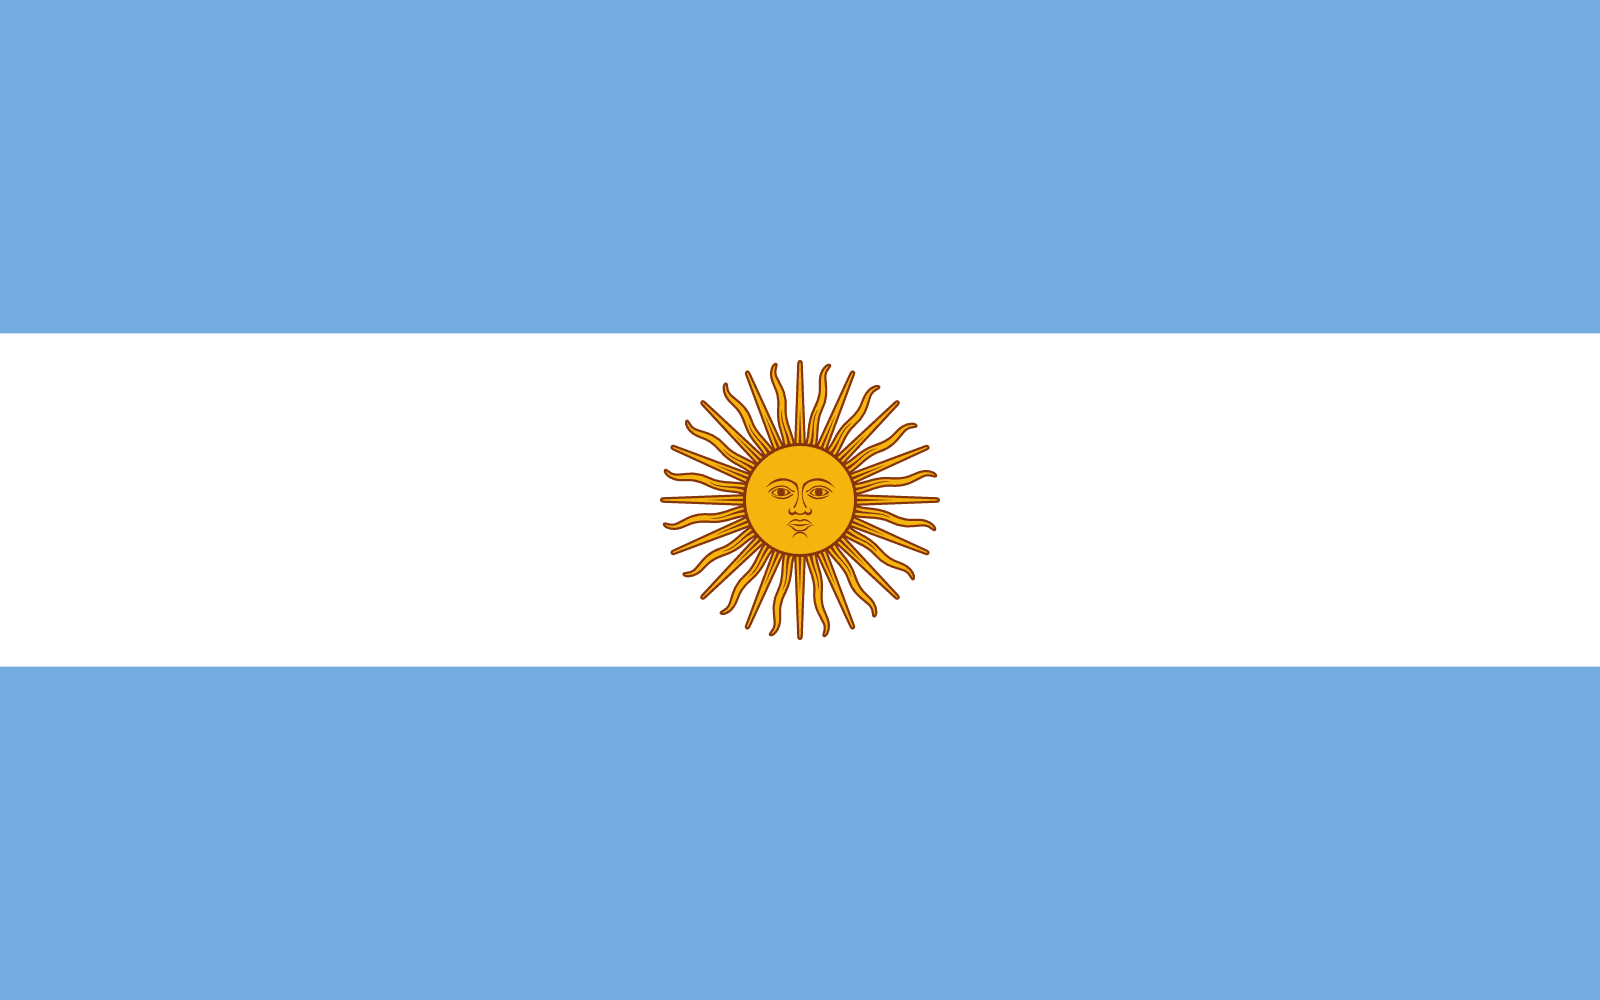 Por qué las banderas de centroamérica son parecidas a Argen ...